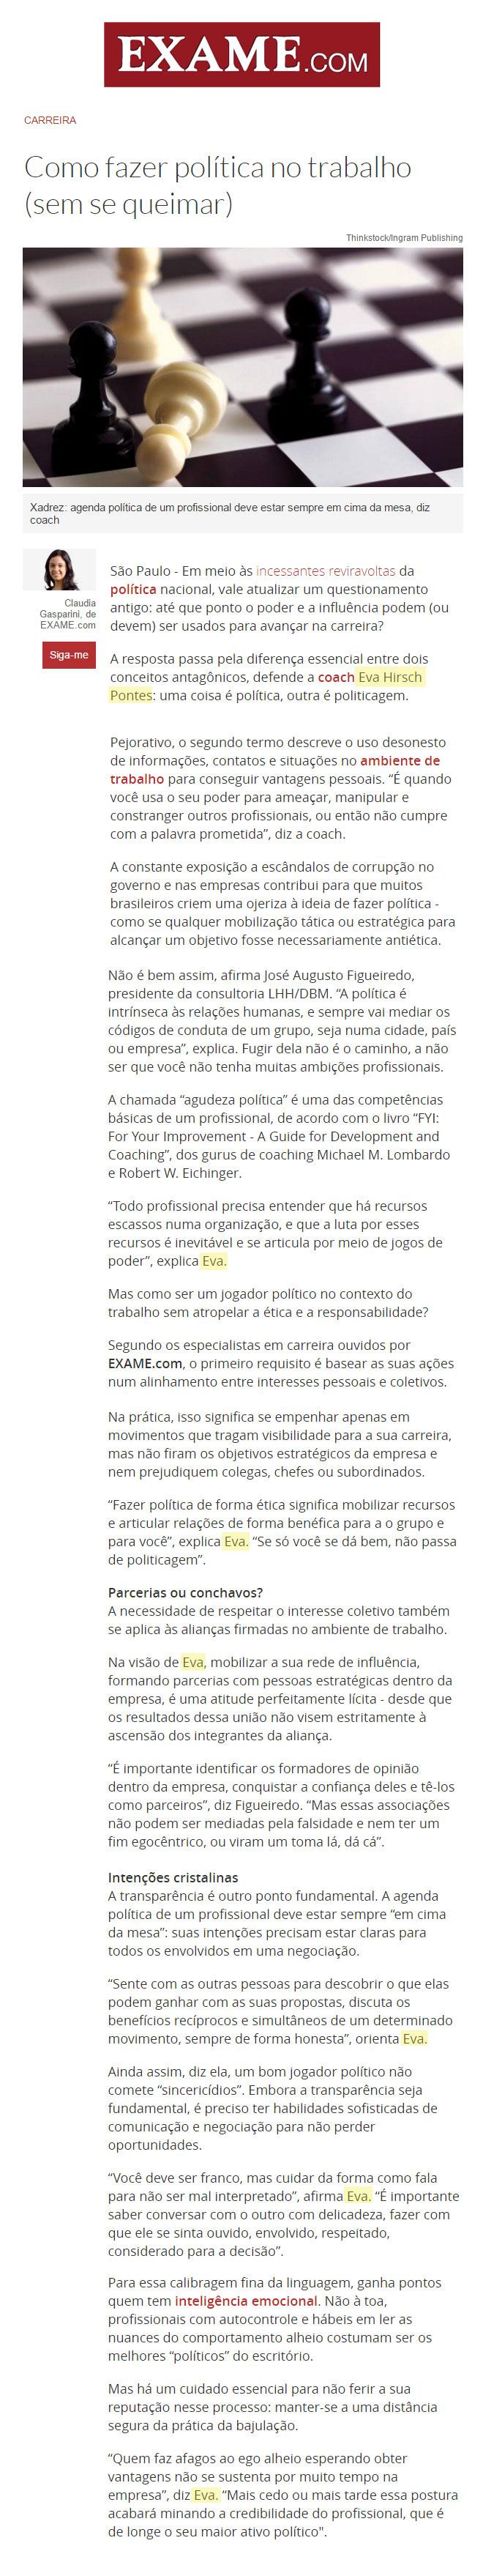 Exame.com_Carreira_18.03.2016